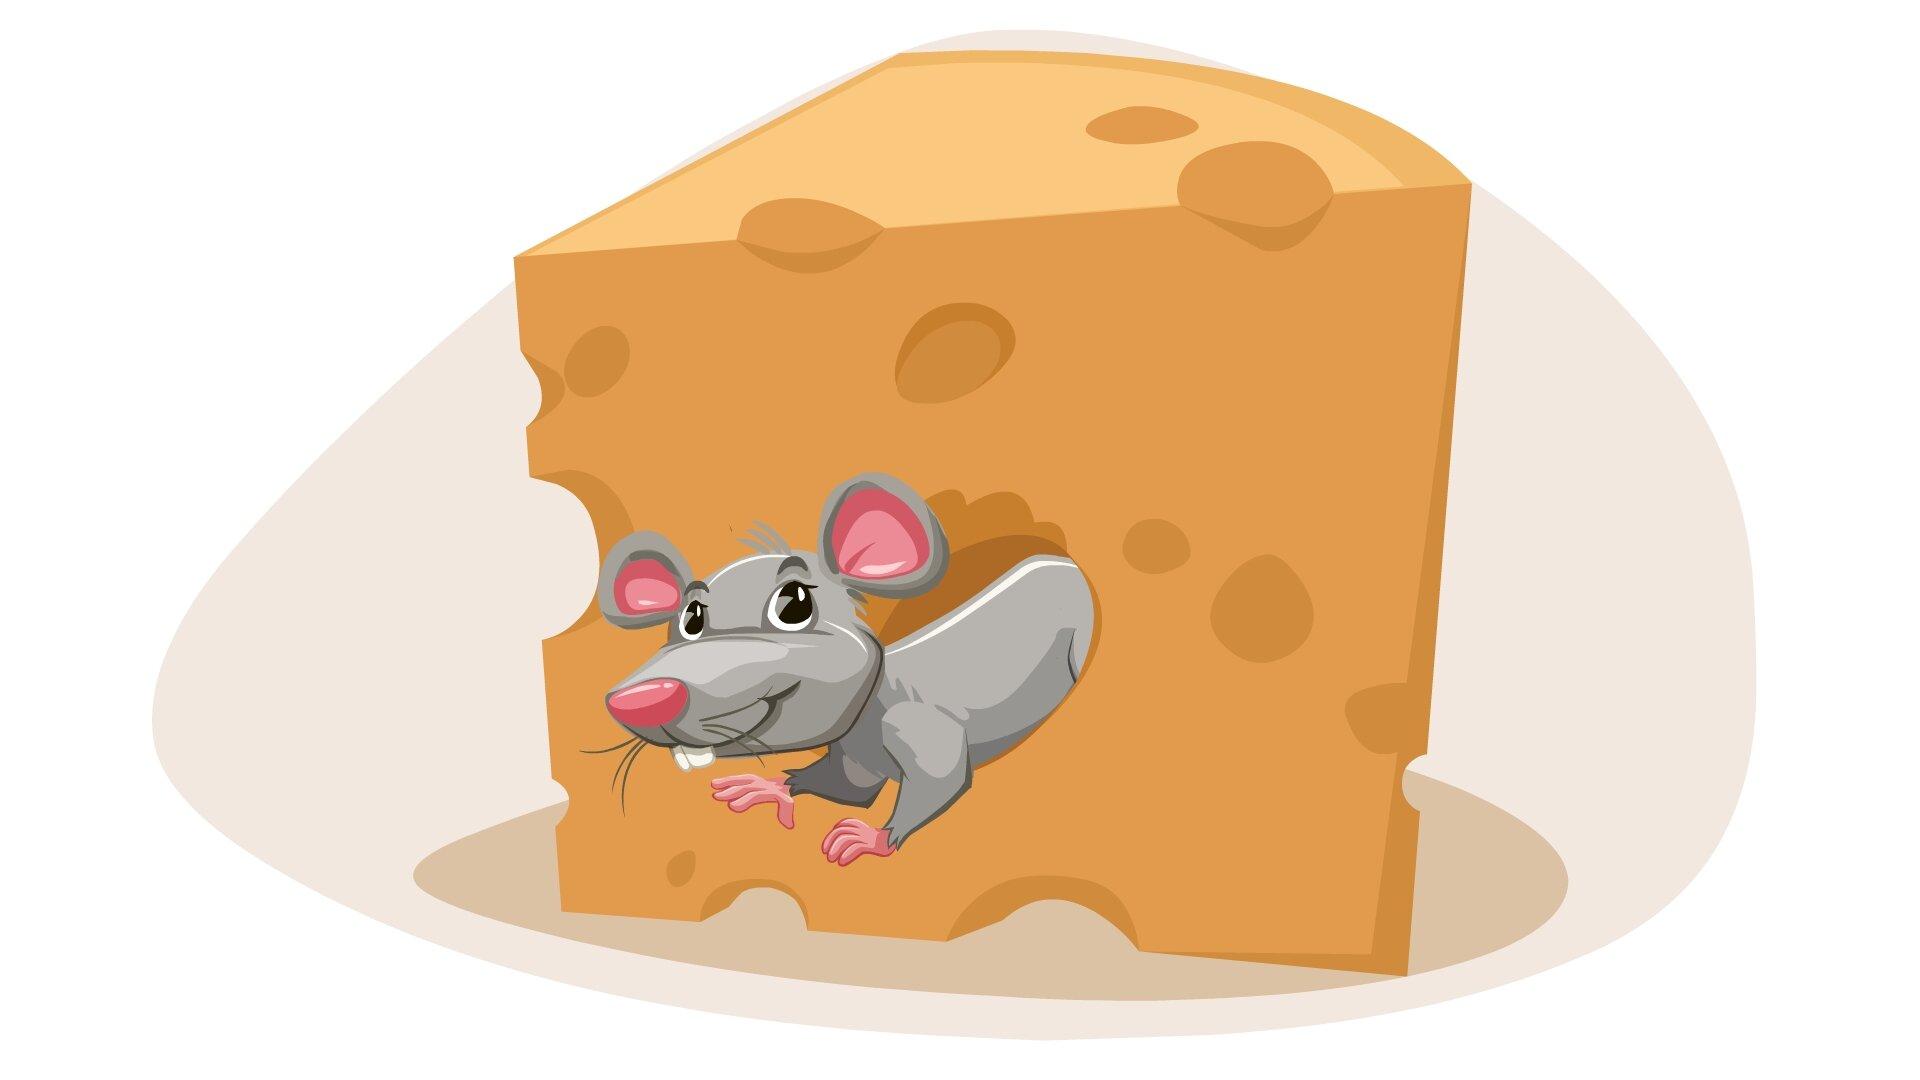 Ilustracja przedstawia mysz wserze.